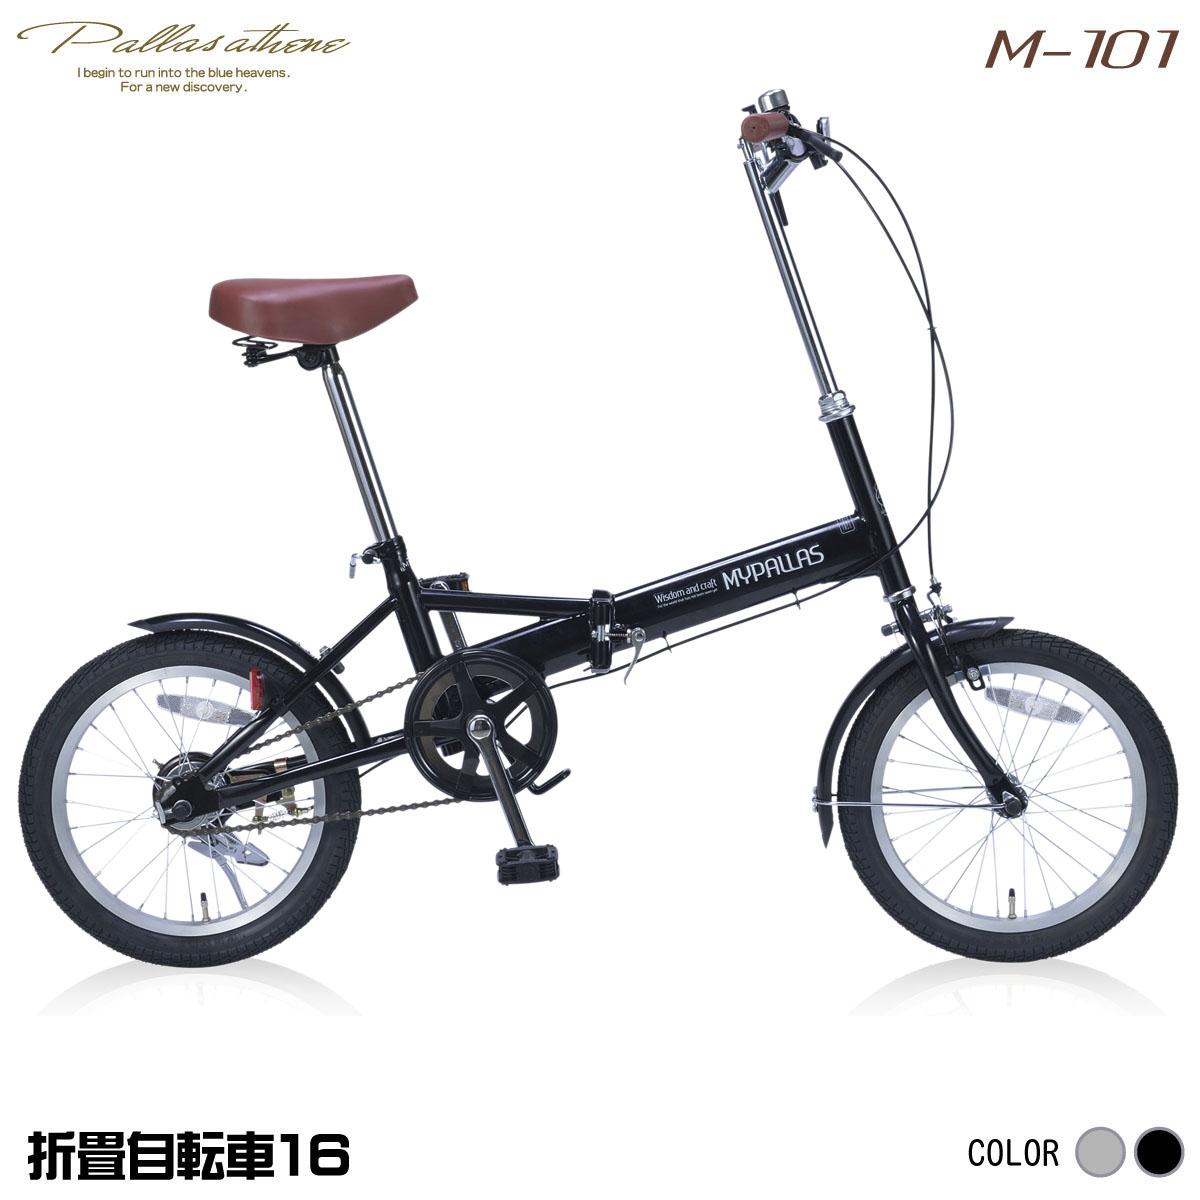 【送料無料】マイパラス M-101-BK ブラック [折りたたみ自転車(16インチ)]【本州以外の配送不可】